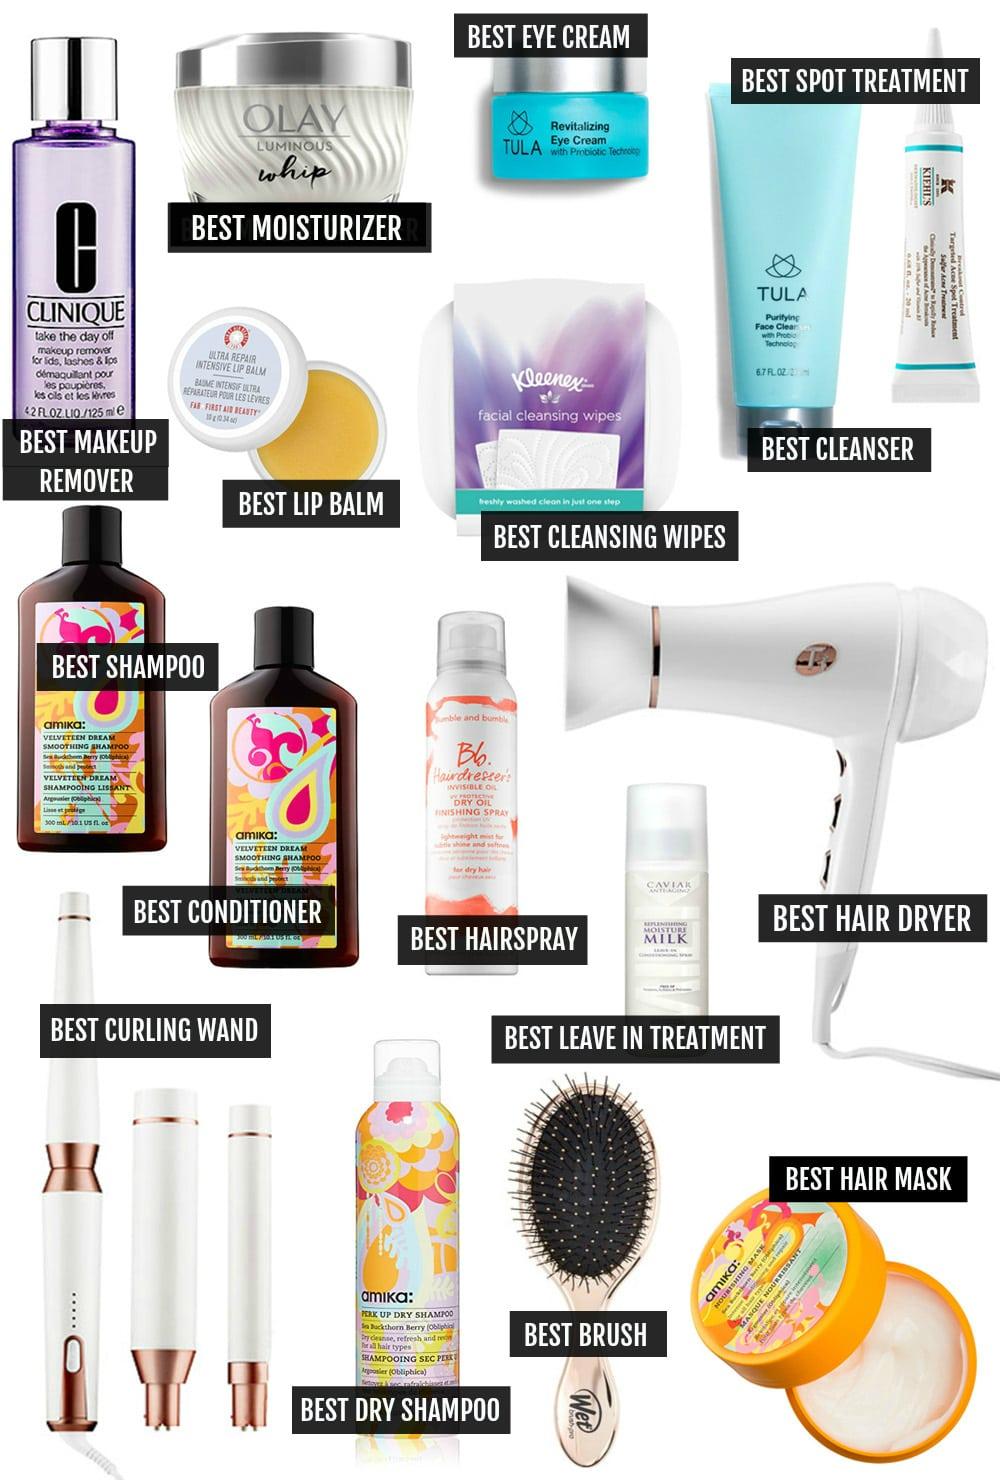 Beauty blogger Mash Elle | makeup ride or die | beauty essentials | makeup basics | favorite makeup | Clinique | Wet Brush